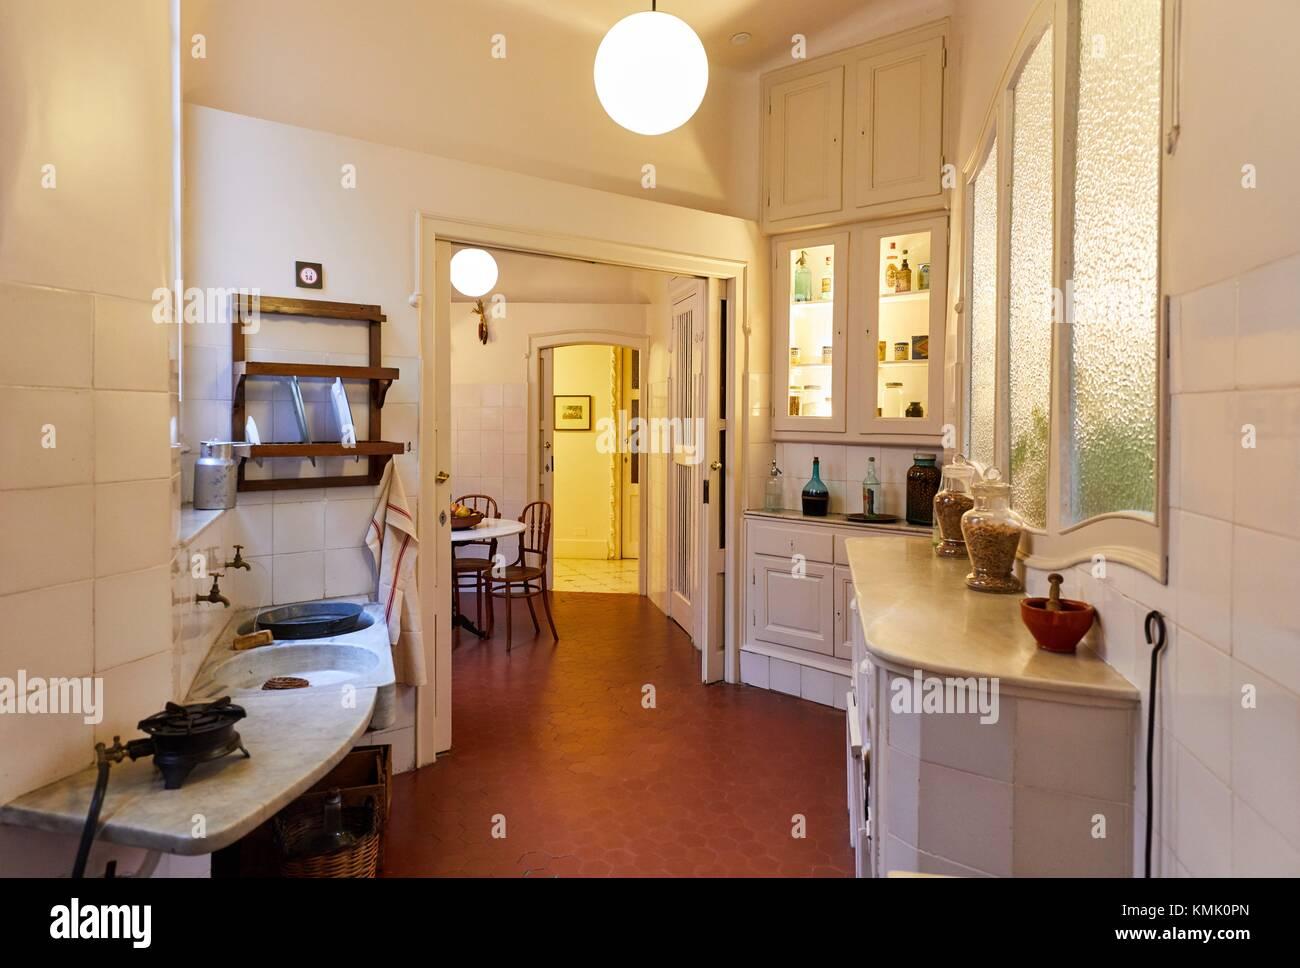 Vacances, les loisirs d'un appartement bourgeois dans le début du 20ème siècle à la Casa Photo Stock